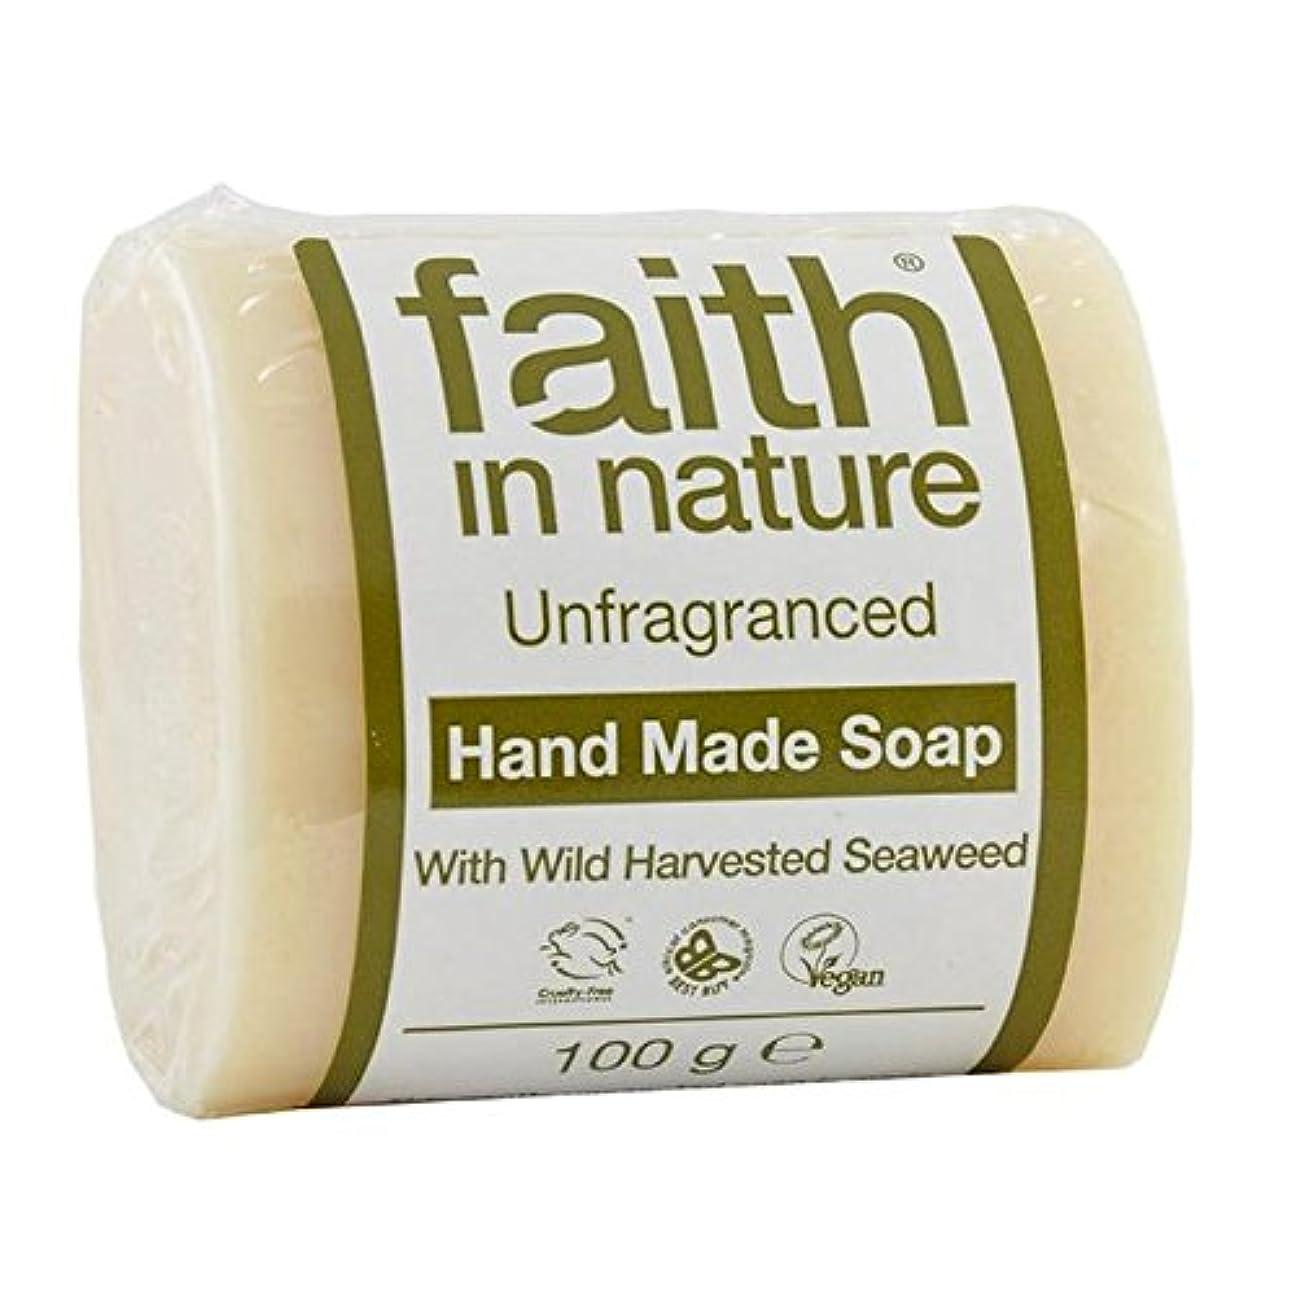 クラフト枠認知Faith in Nature Unfragranced Pure Hand Made Soap 100g (Pack of 2) - (Faith In Nature) 自然の中で信仰は純粋な手作り石鹸100グラムを無香料 (x2) [並行輸入品]